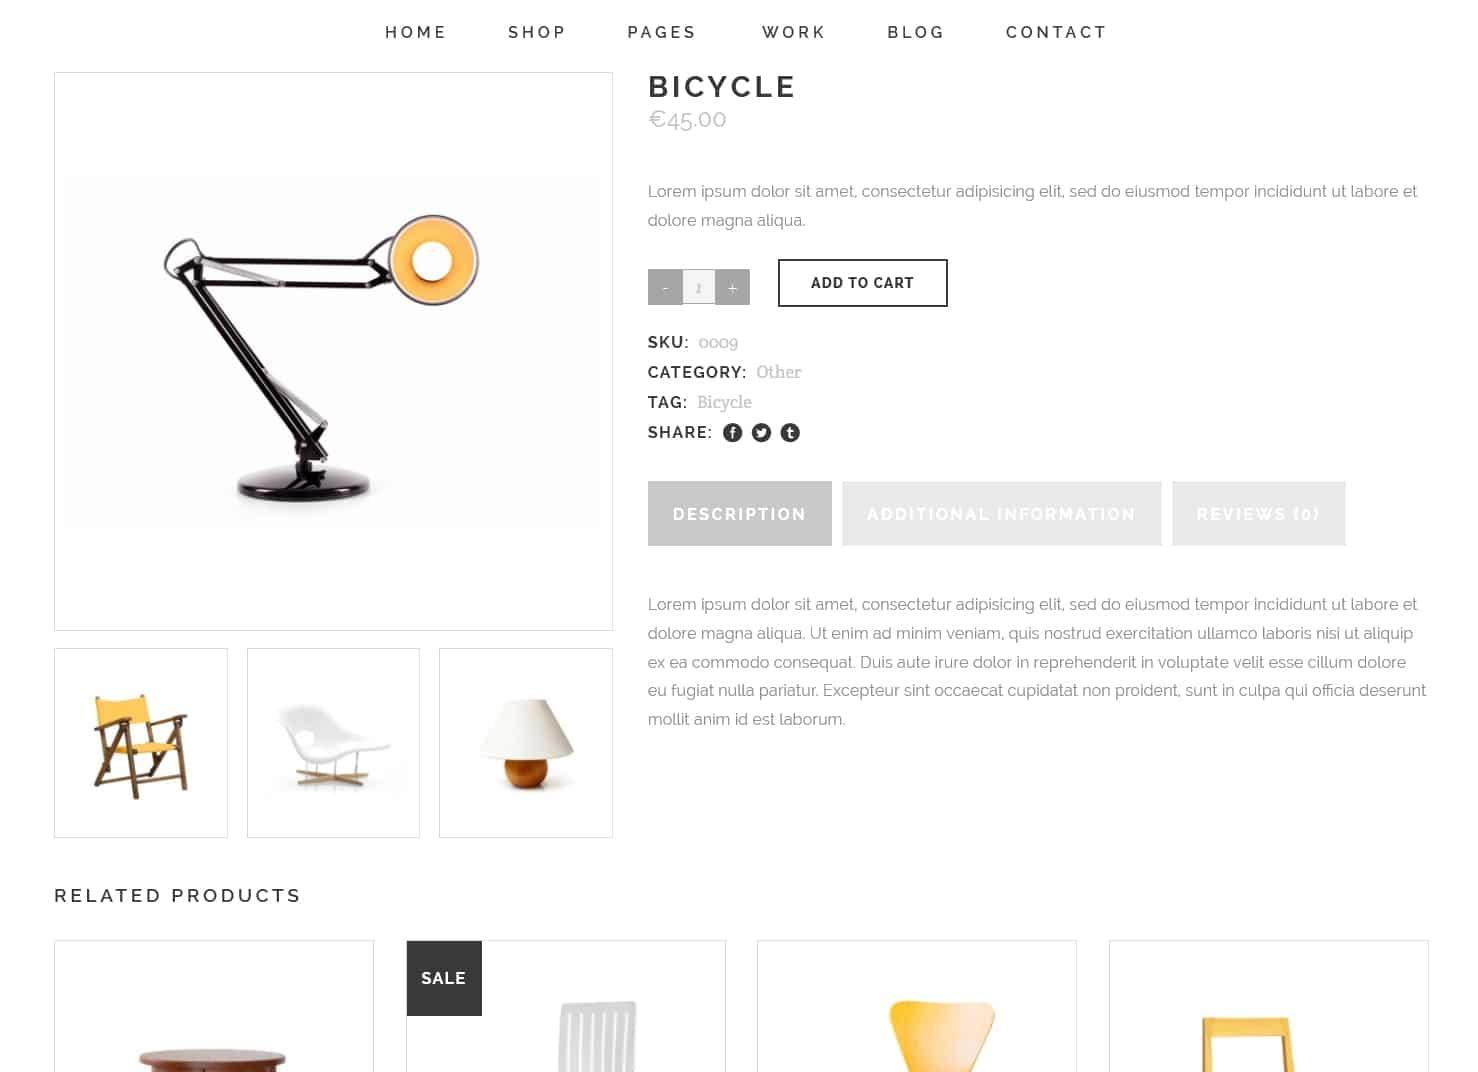 表面功夫版型參考-極簡現代風格購物網站-Single Product Page